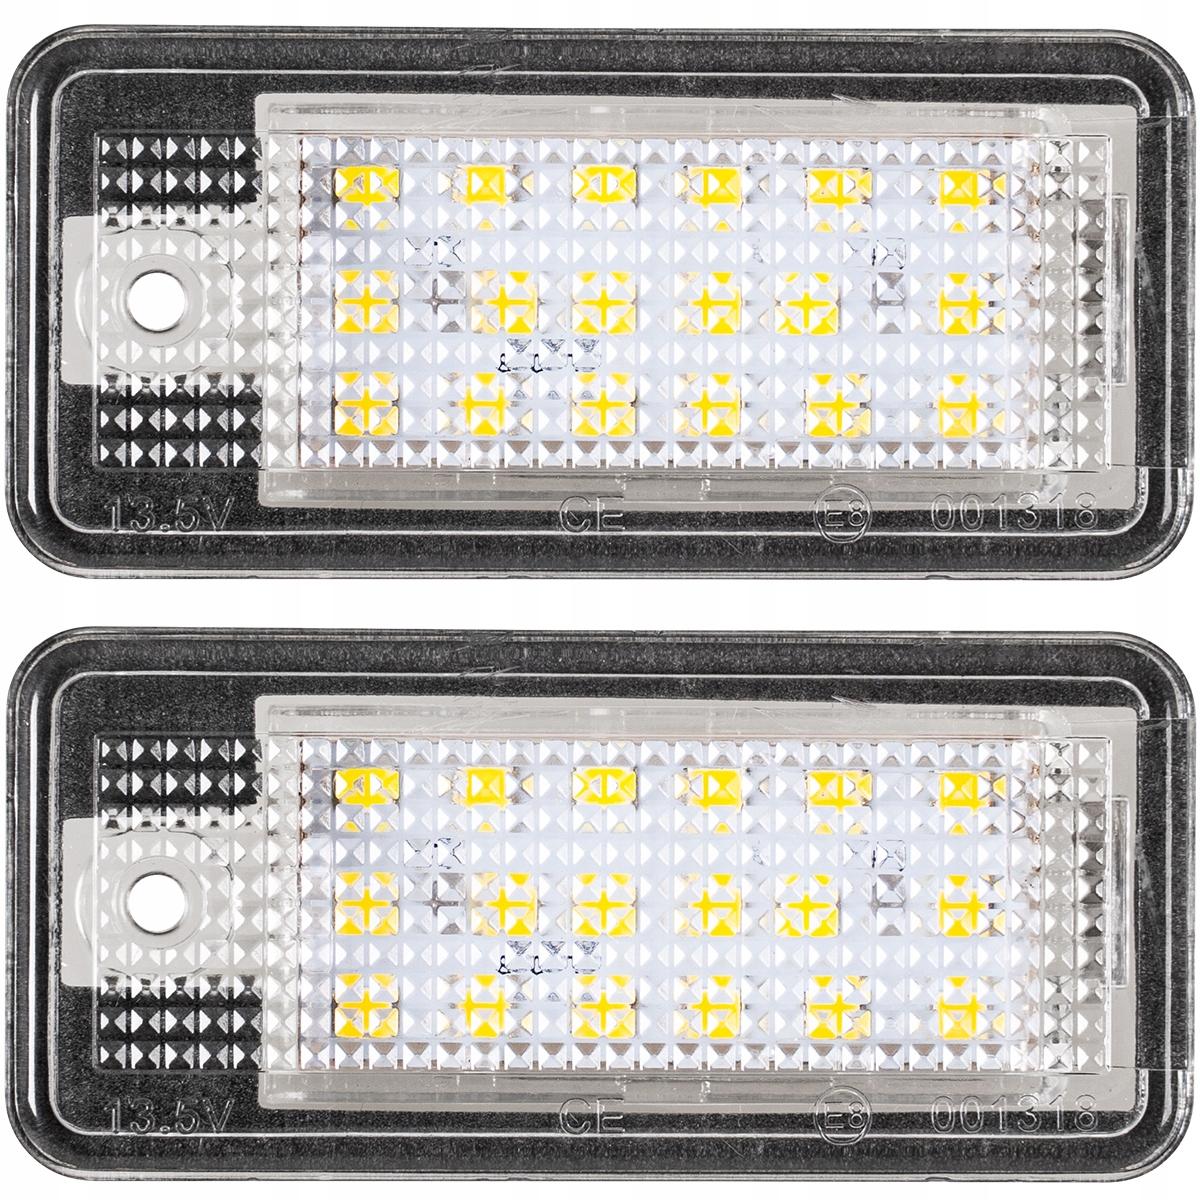 2x лампы led подсветка audi a3 a4 b6 b7 a5 a6